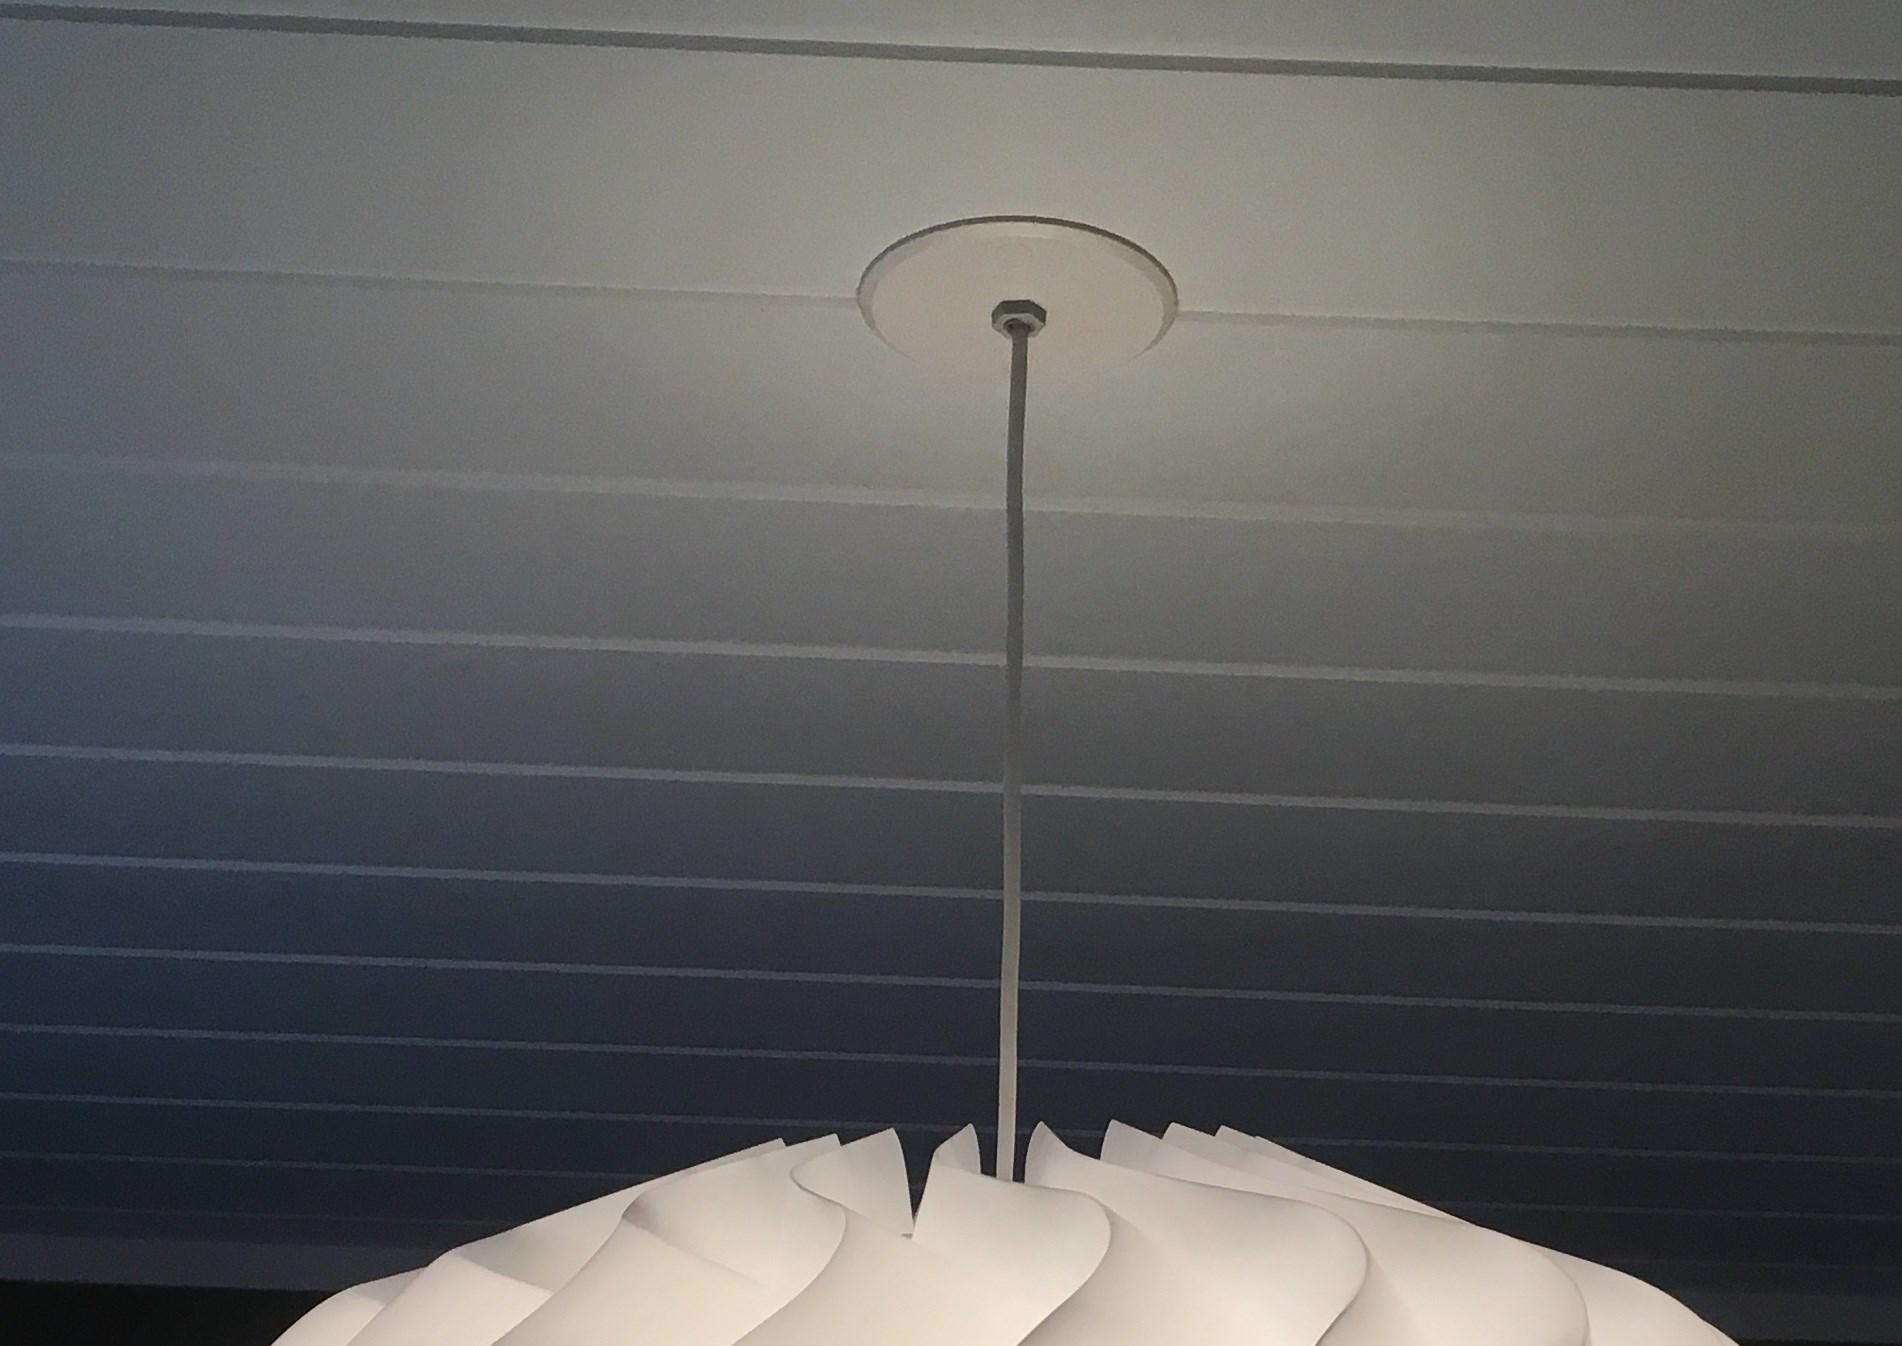 Strømkontakt og henge opp lampe i en høy trappeoppgang